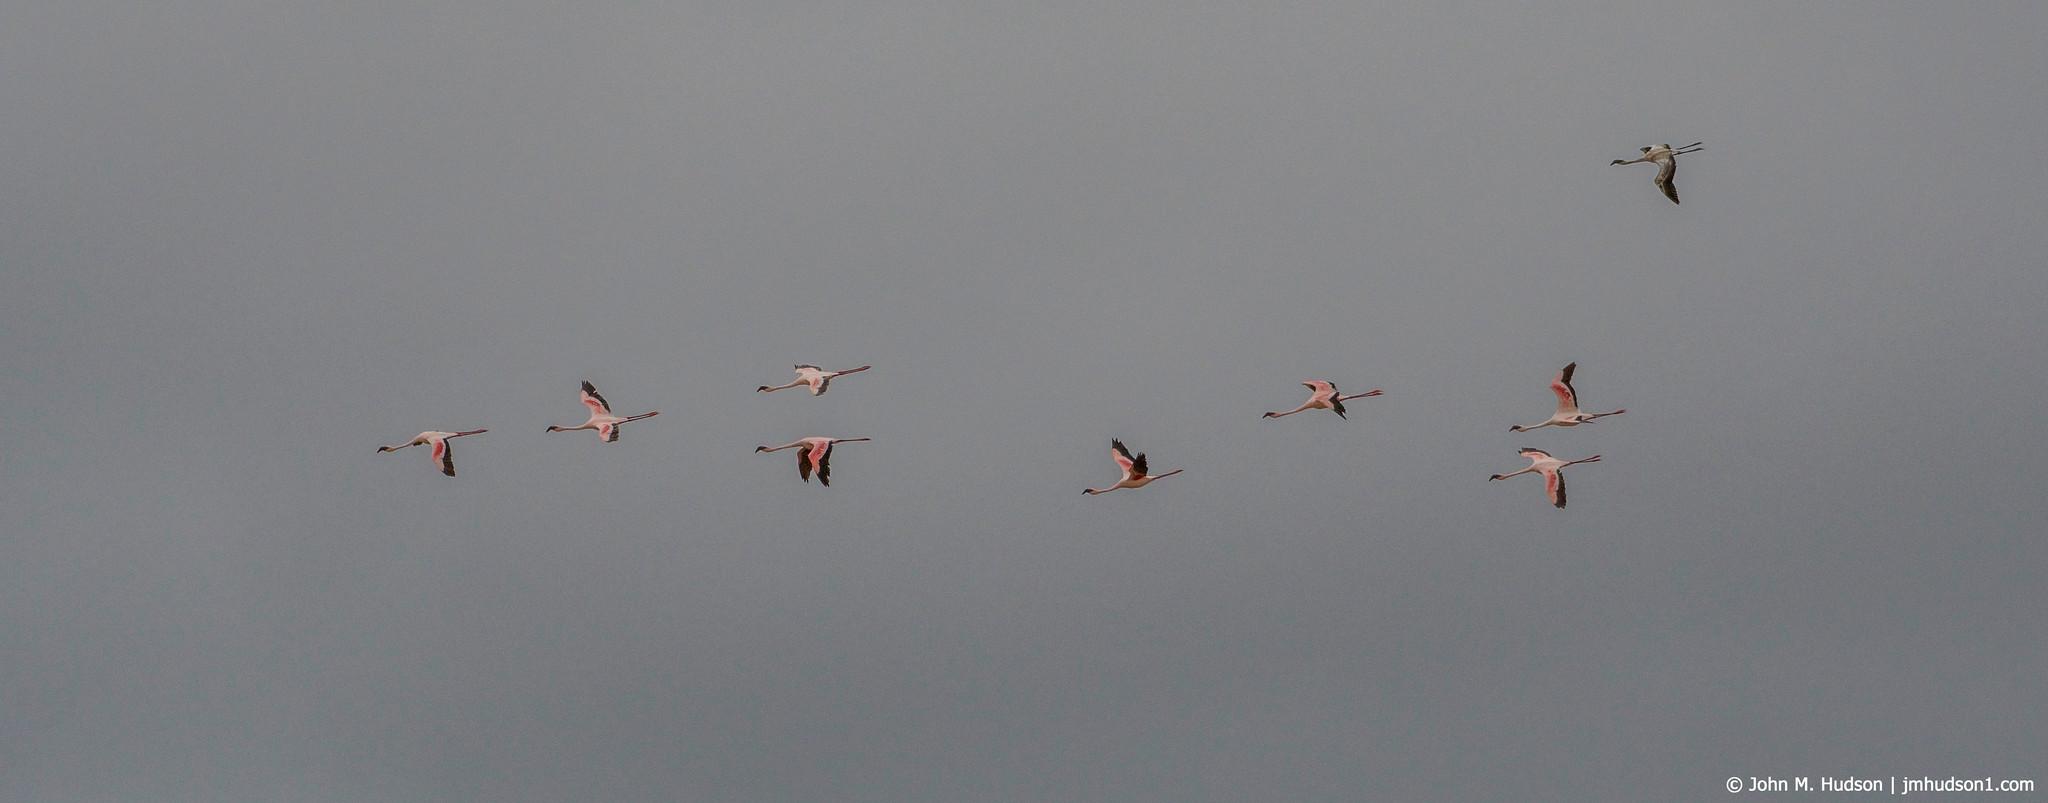 2019.06.09.4244 Flamingos in Flight POD